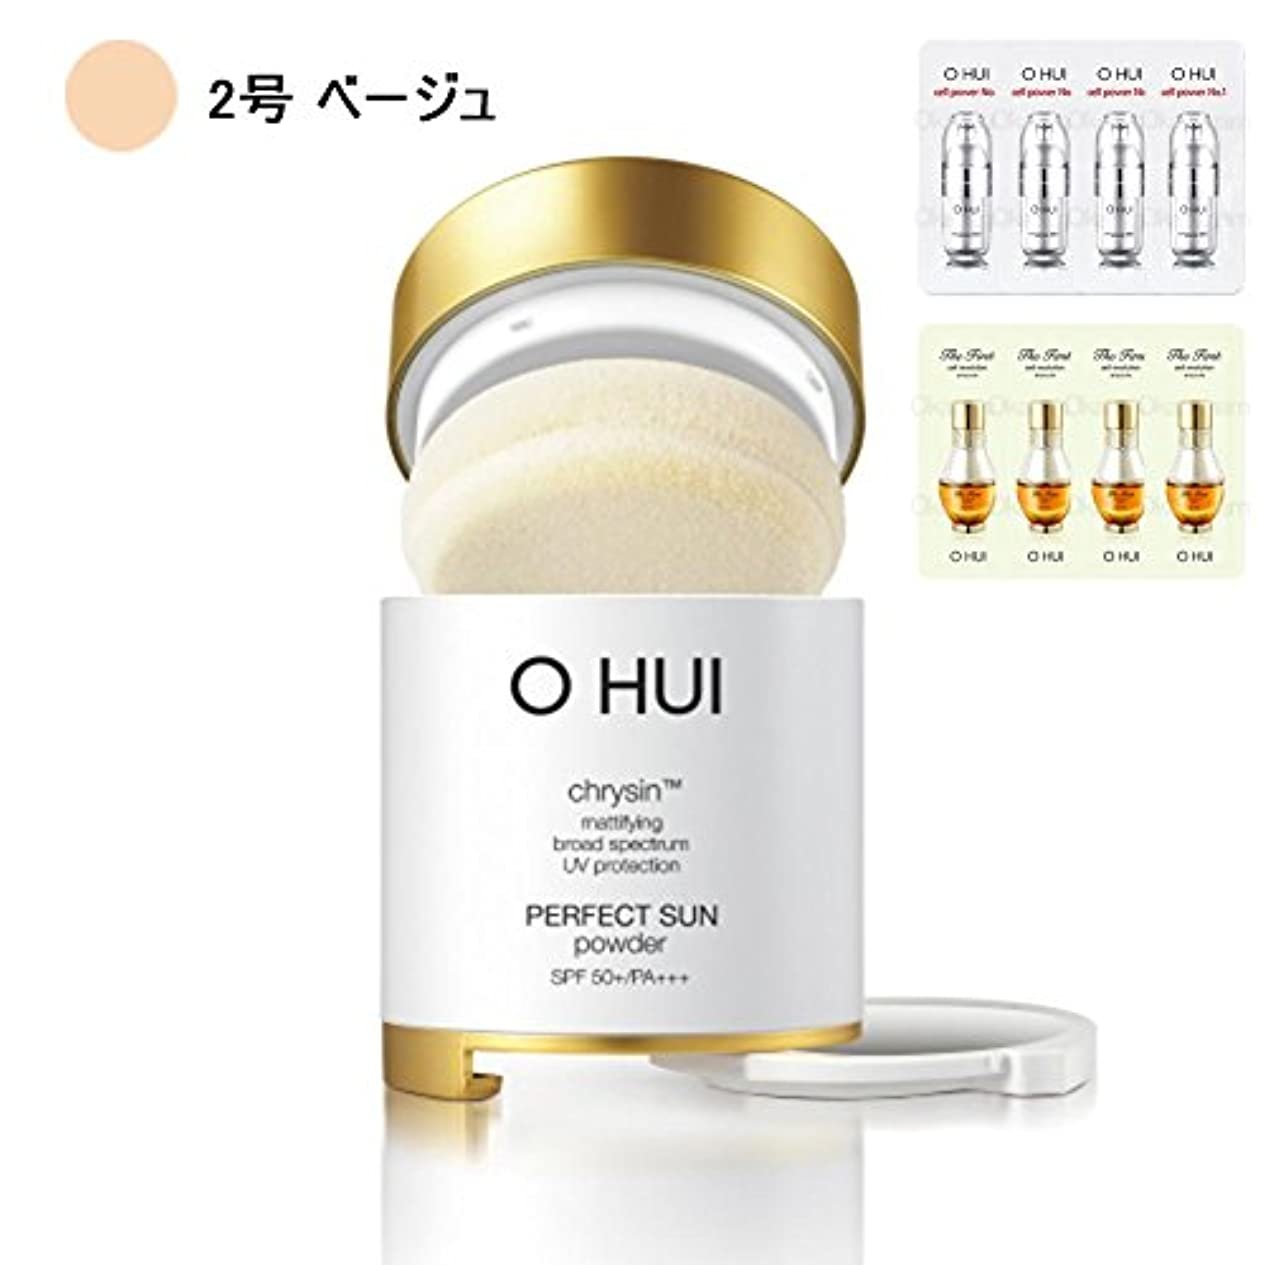 極めて重要なプロポーショナル保証[オフィ/O HUI]韓国化粧品 LG生活健康/OHUI OFS06 PERFECT SUN POWDER/オフィ パーフェクトサンパウダー 2号 (SPF50+/PA+++) +[Sample Gift](海外直送品)